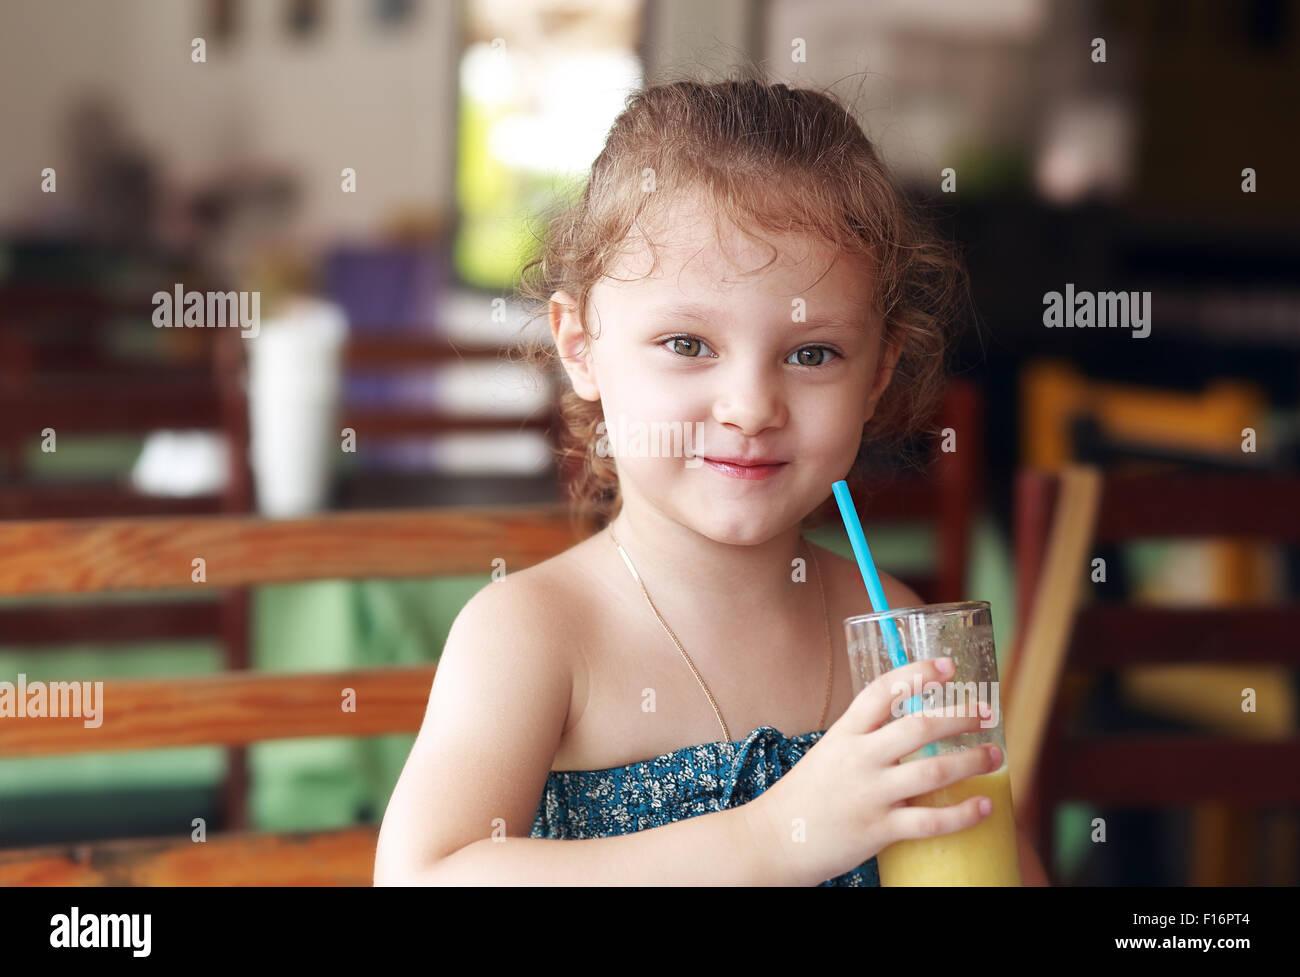 Happy smiling kid girl drinking jus frais à partir de café en verre Photo Stock